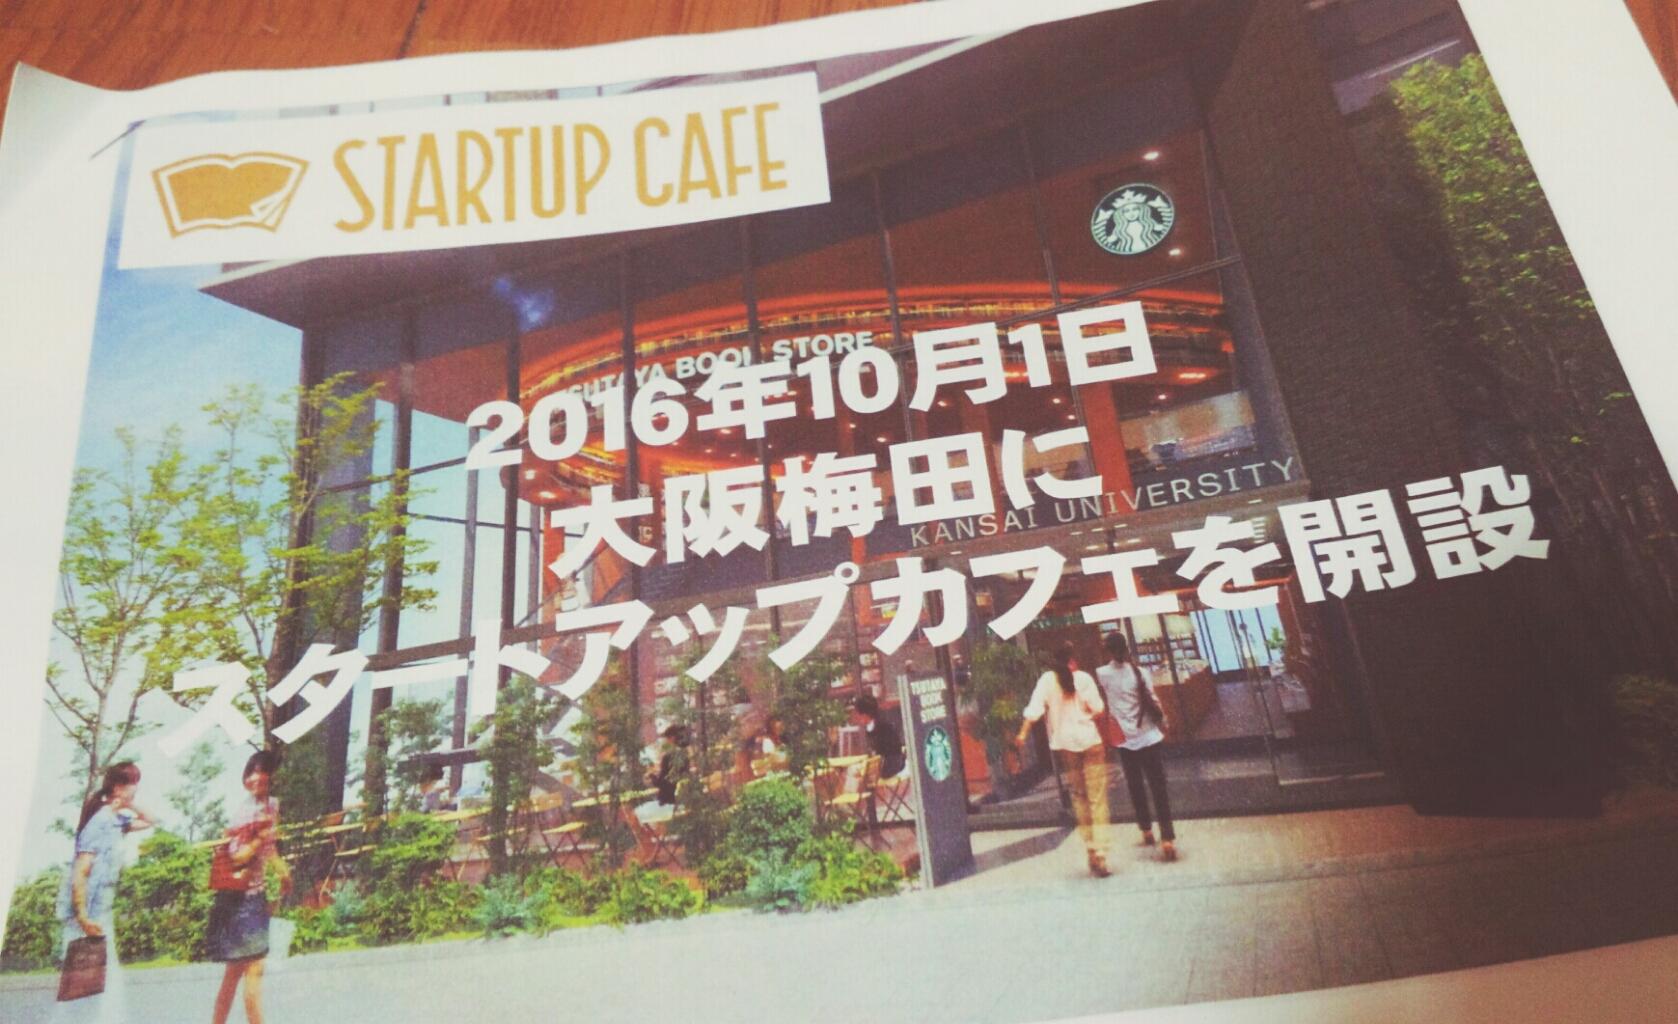 スタートアップカフェ